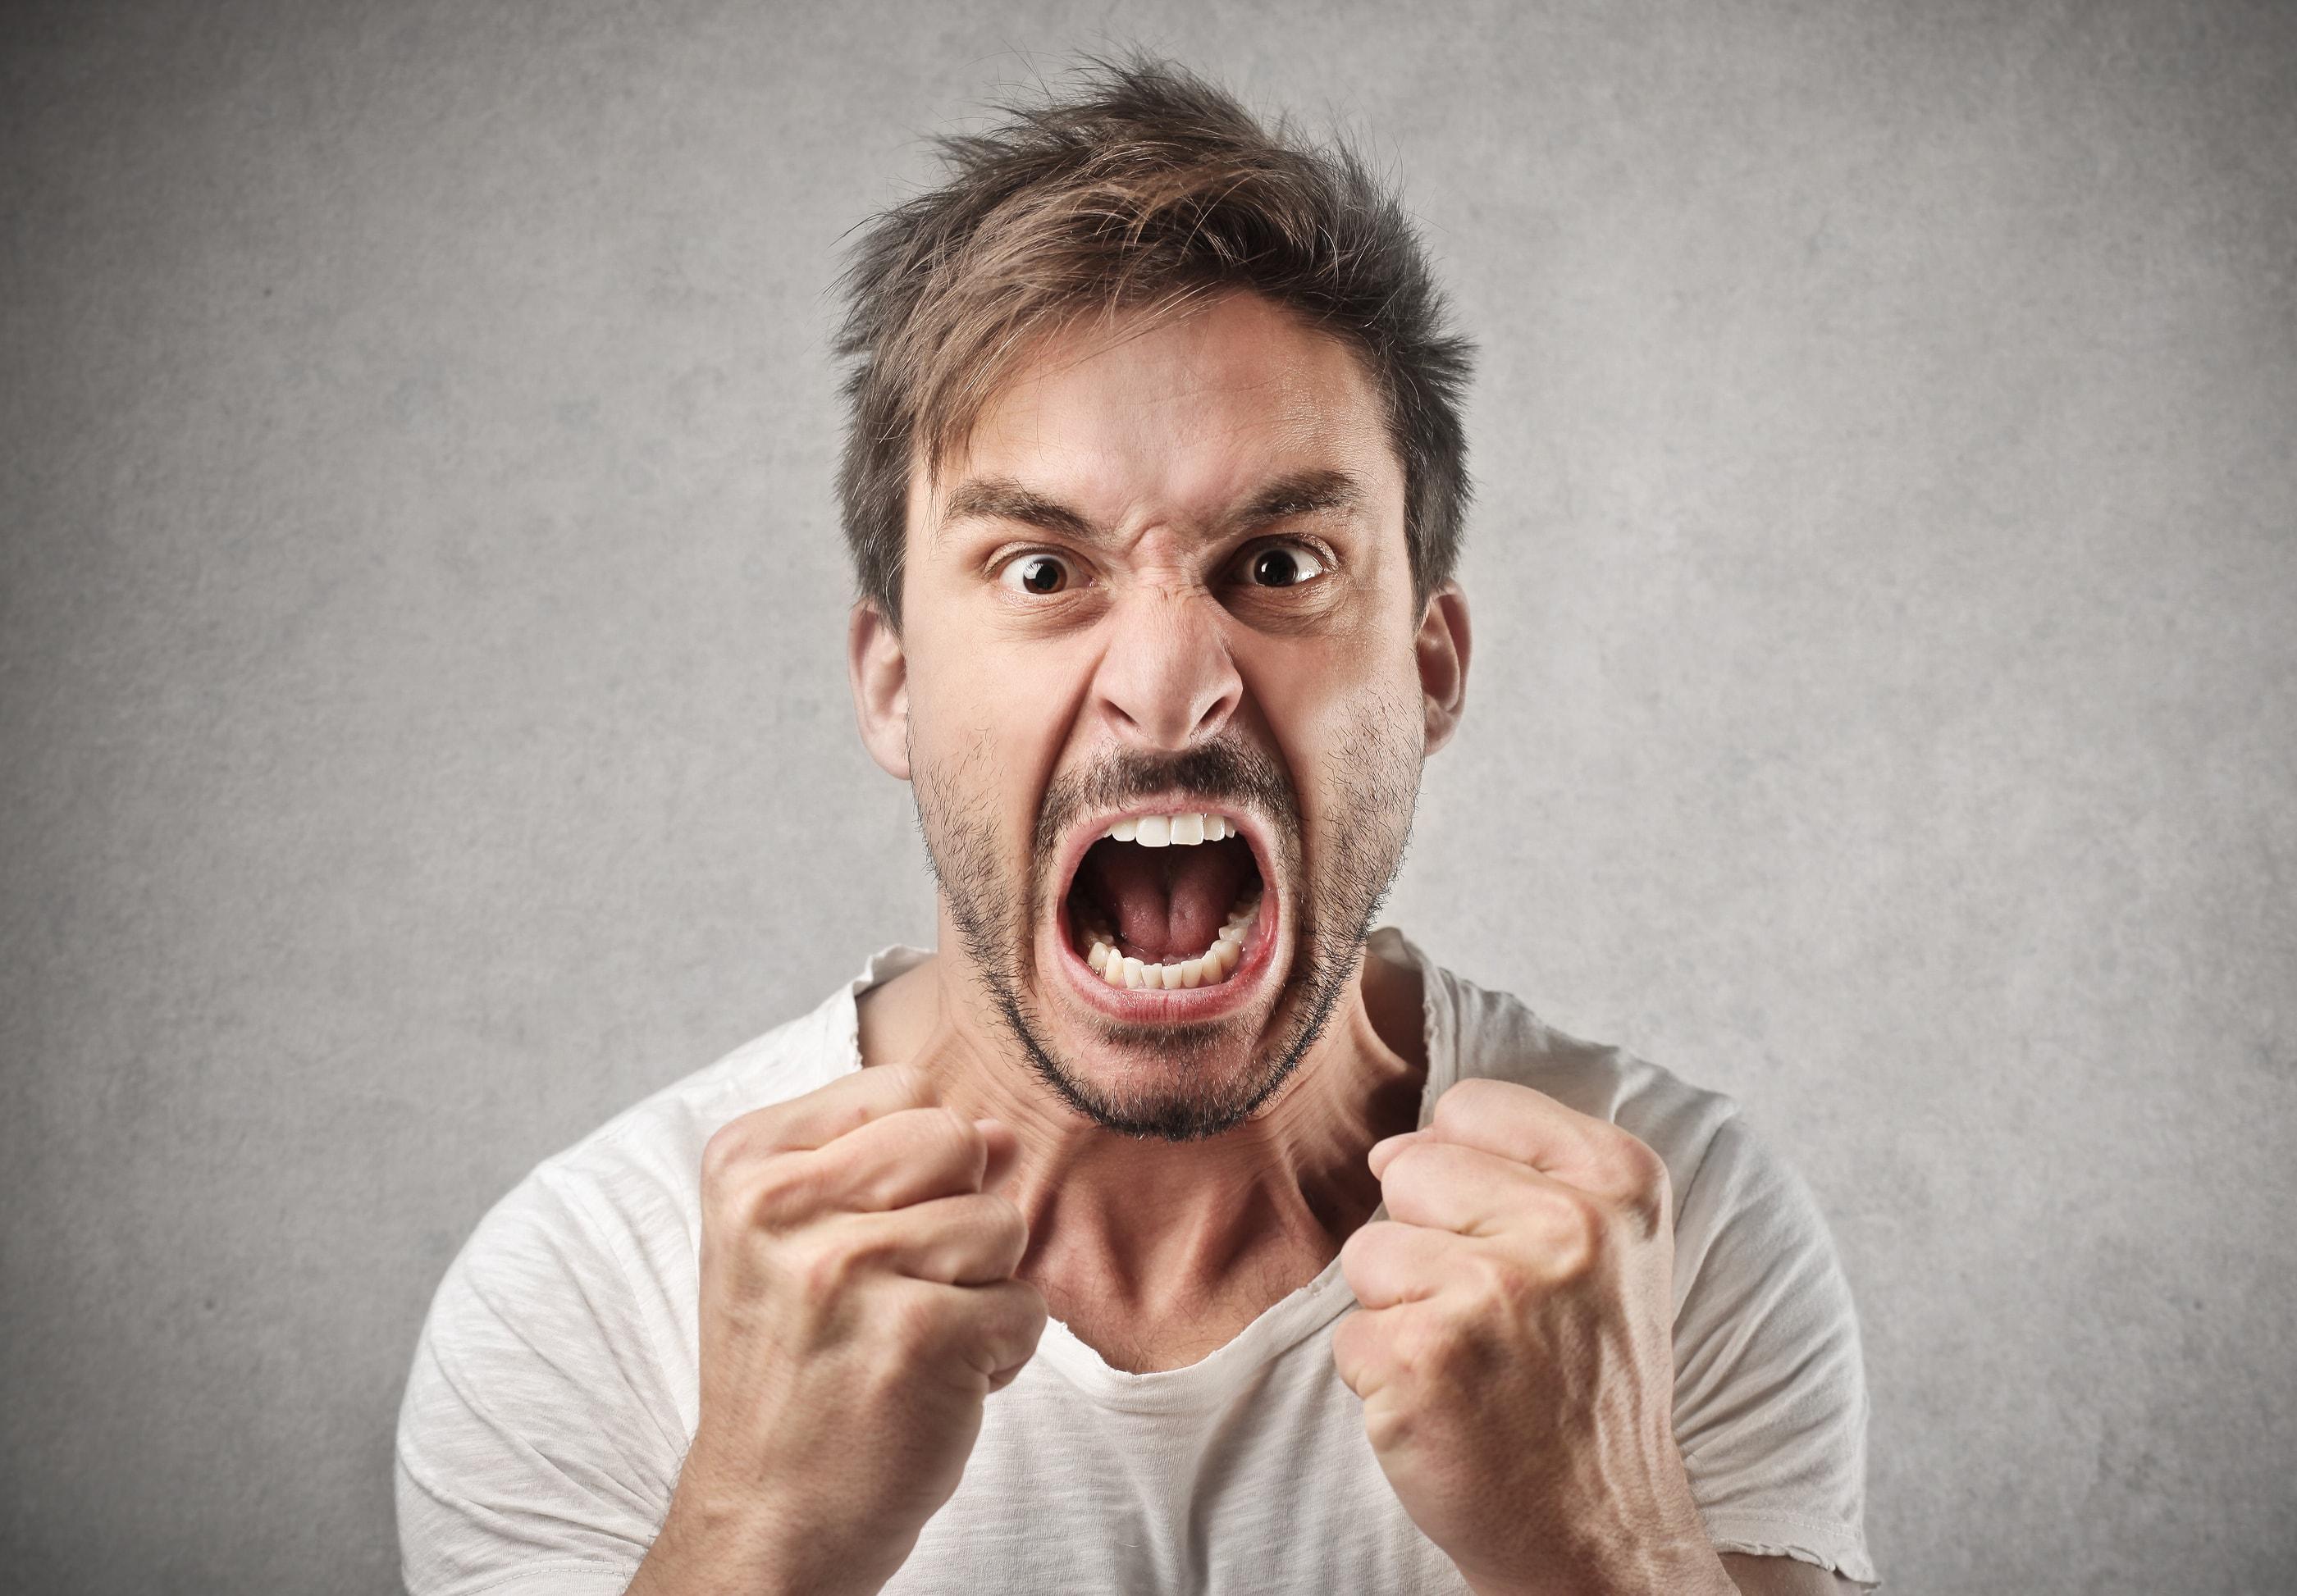 11 روش برای کنترل و مهار خشم و عصبانیت